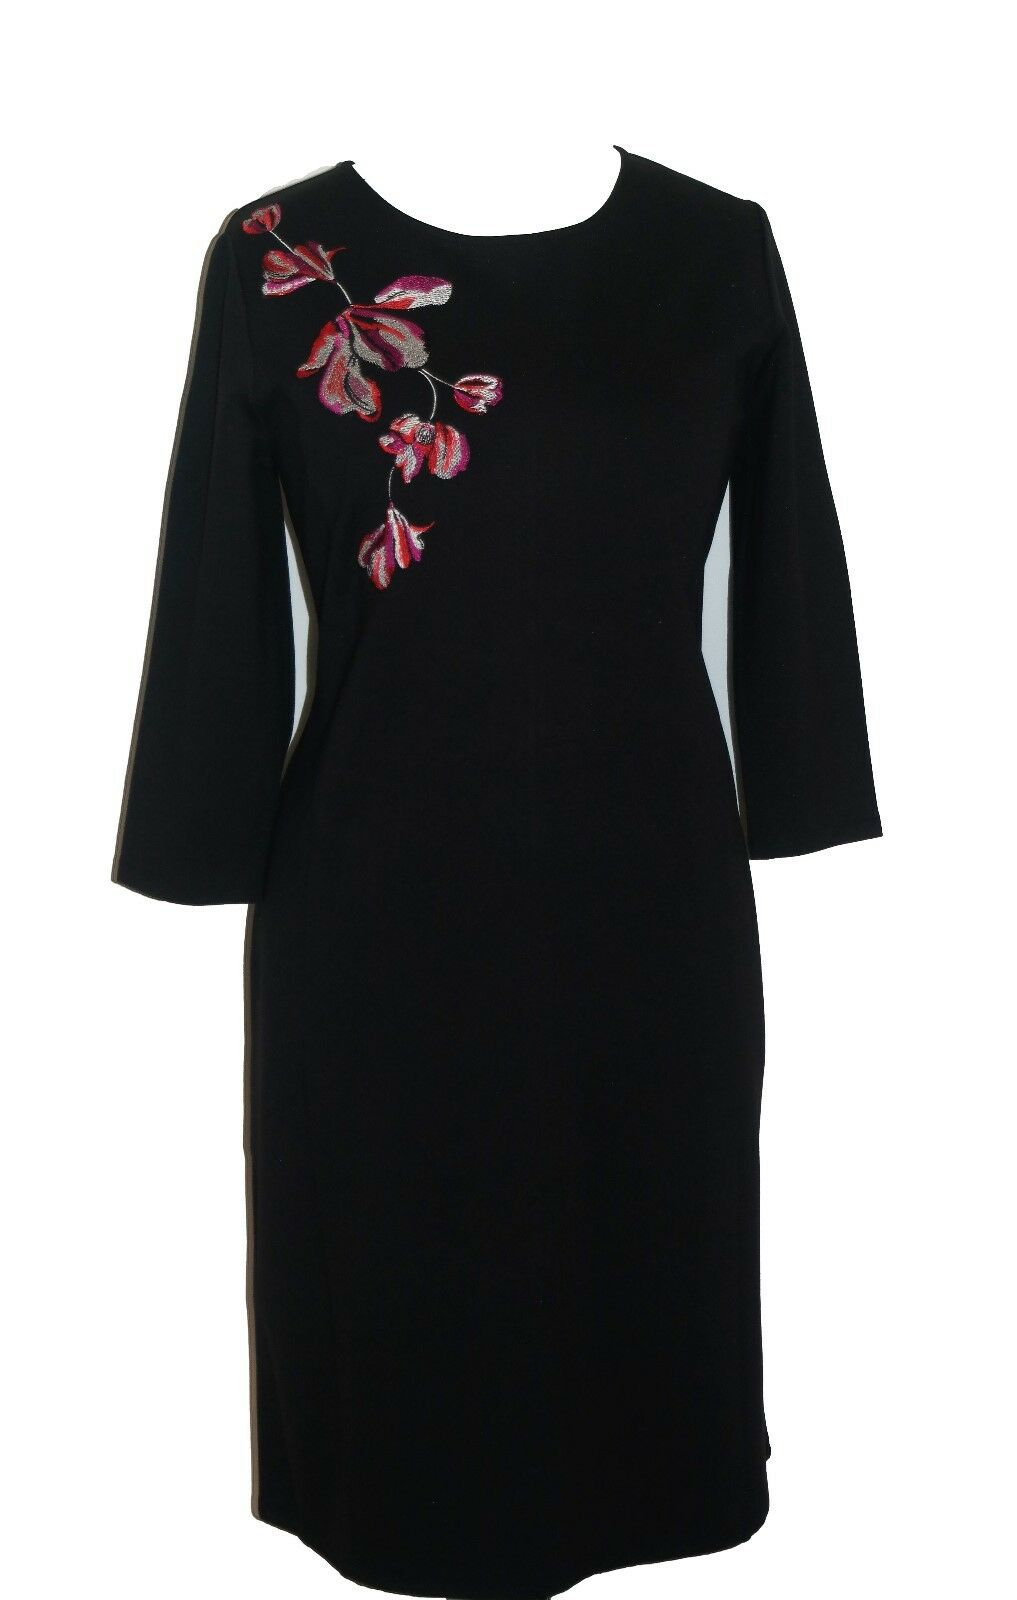 Edles Gerry Weber Etuikleid Gr. 44 Kleid Damenkleid Cocktailkleid Abendkleid